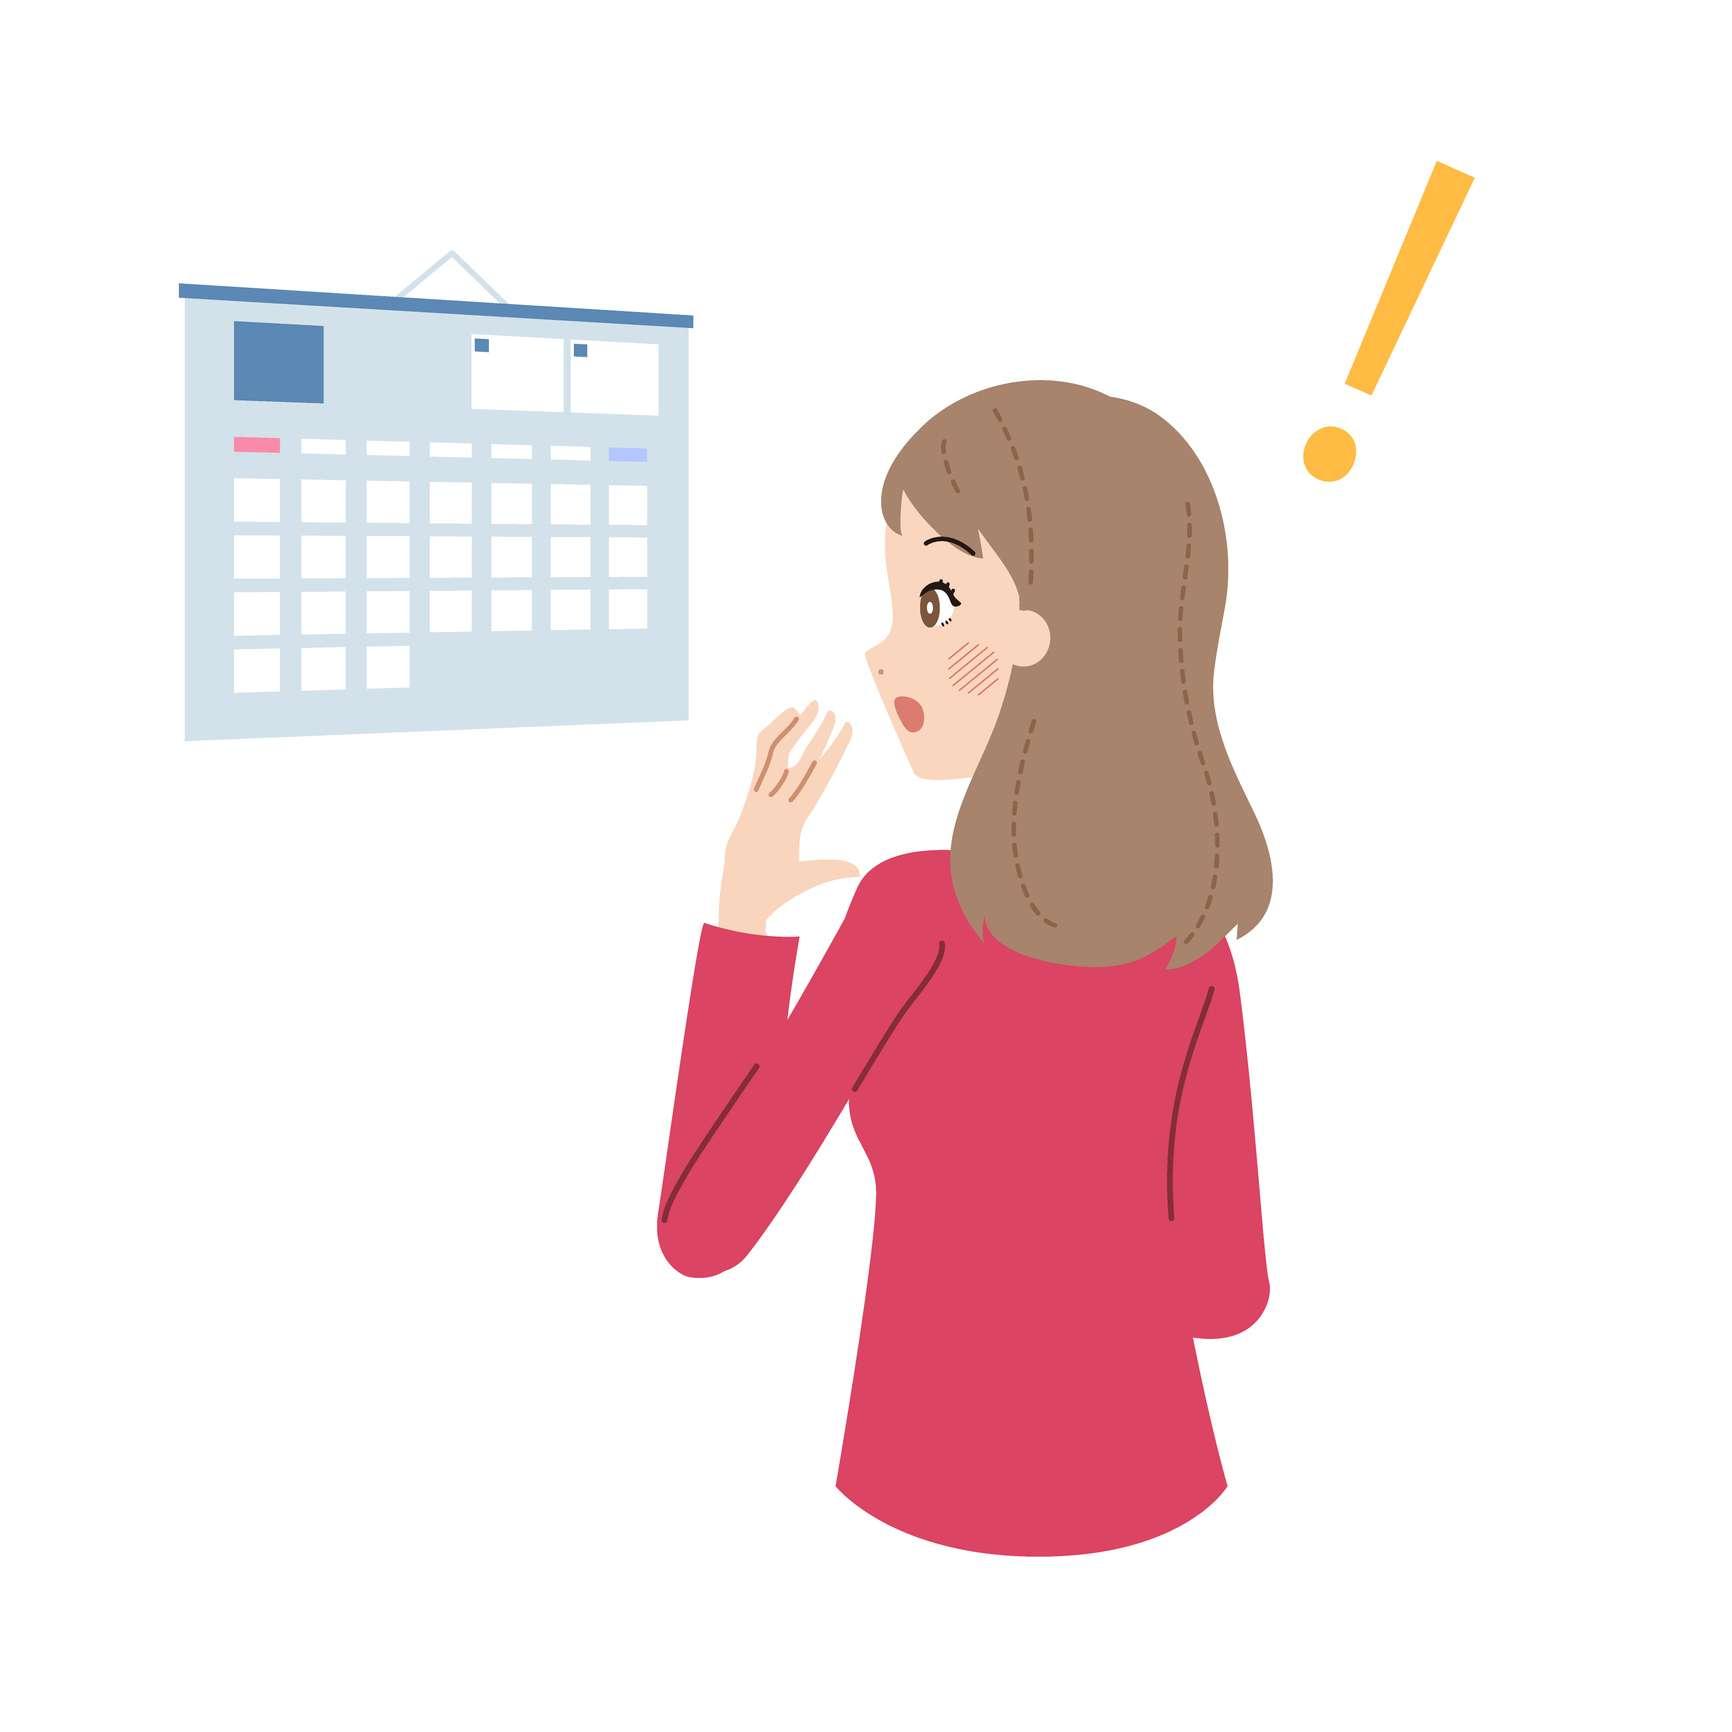 Atraso na menstruação: até quanto tempo pode ser considerado normal?